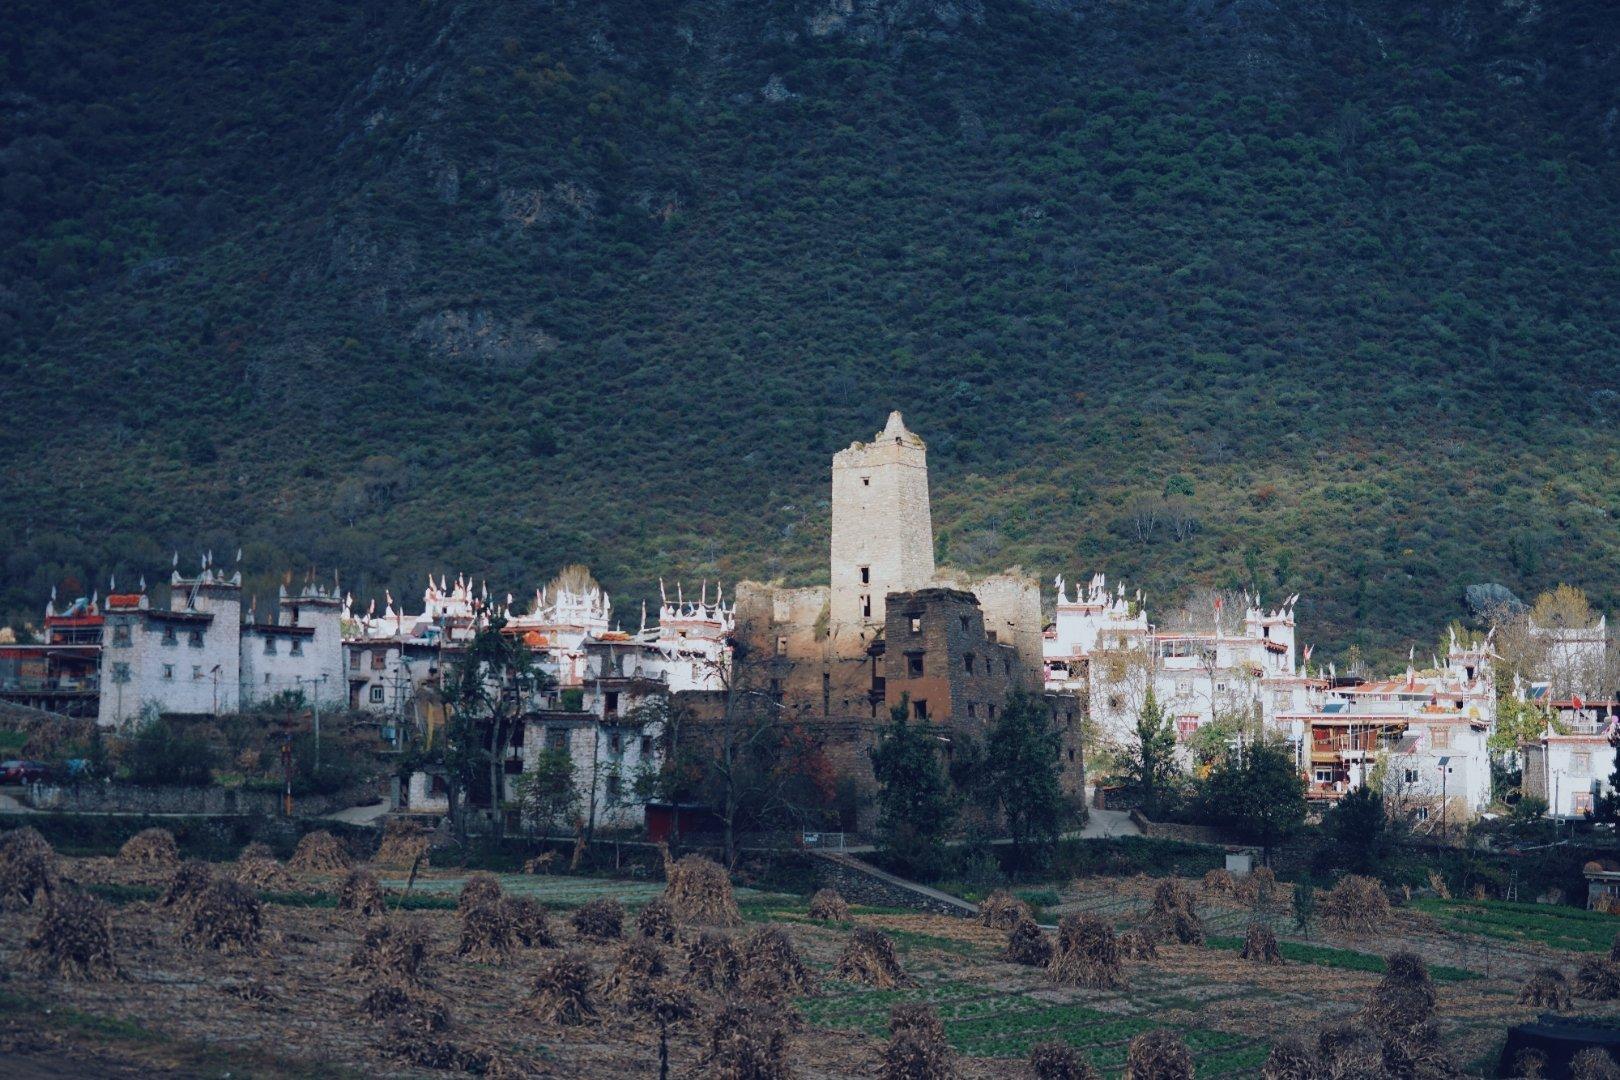 邛山土司官寨,一处远离喧闹尘世隐匿在山野树林中间的古老村落